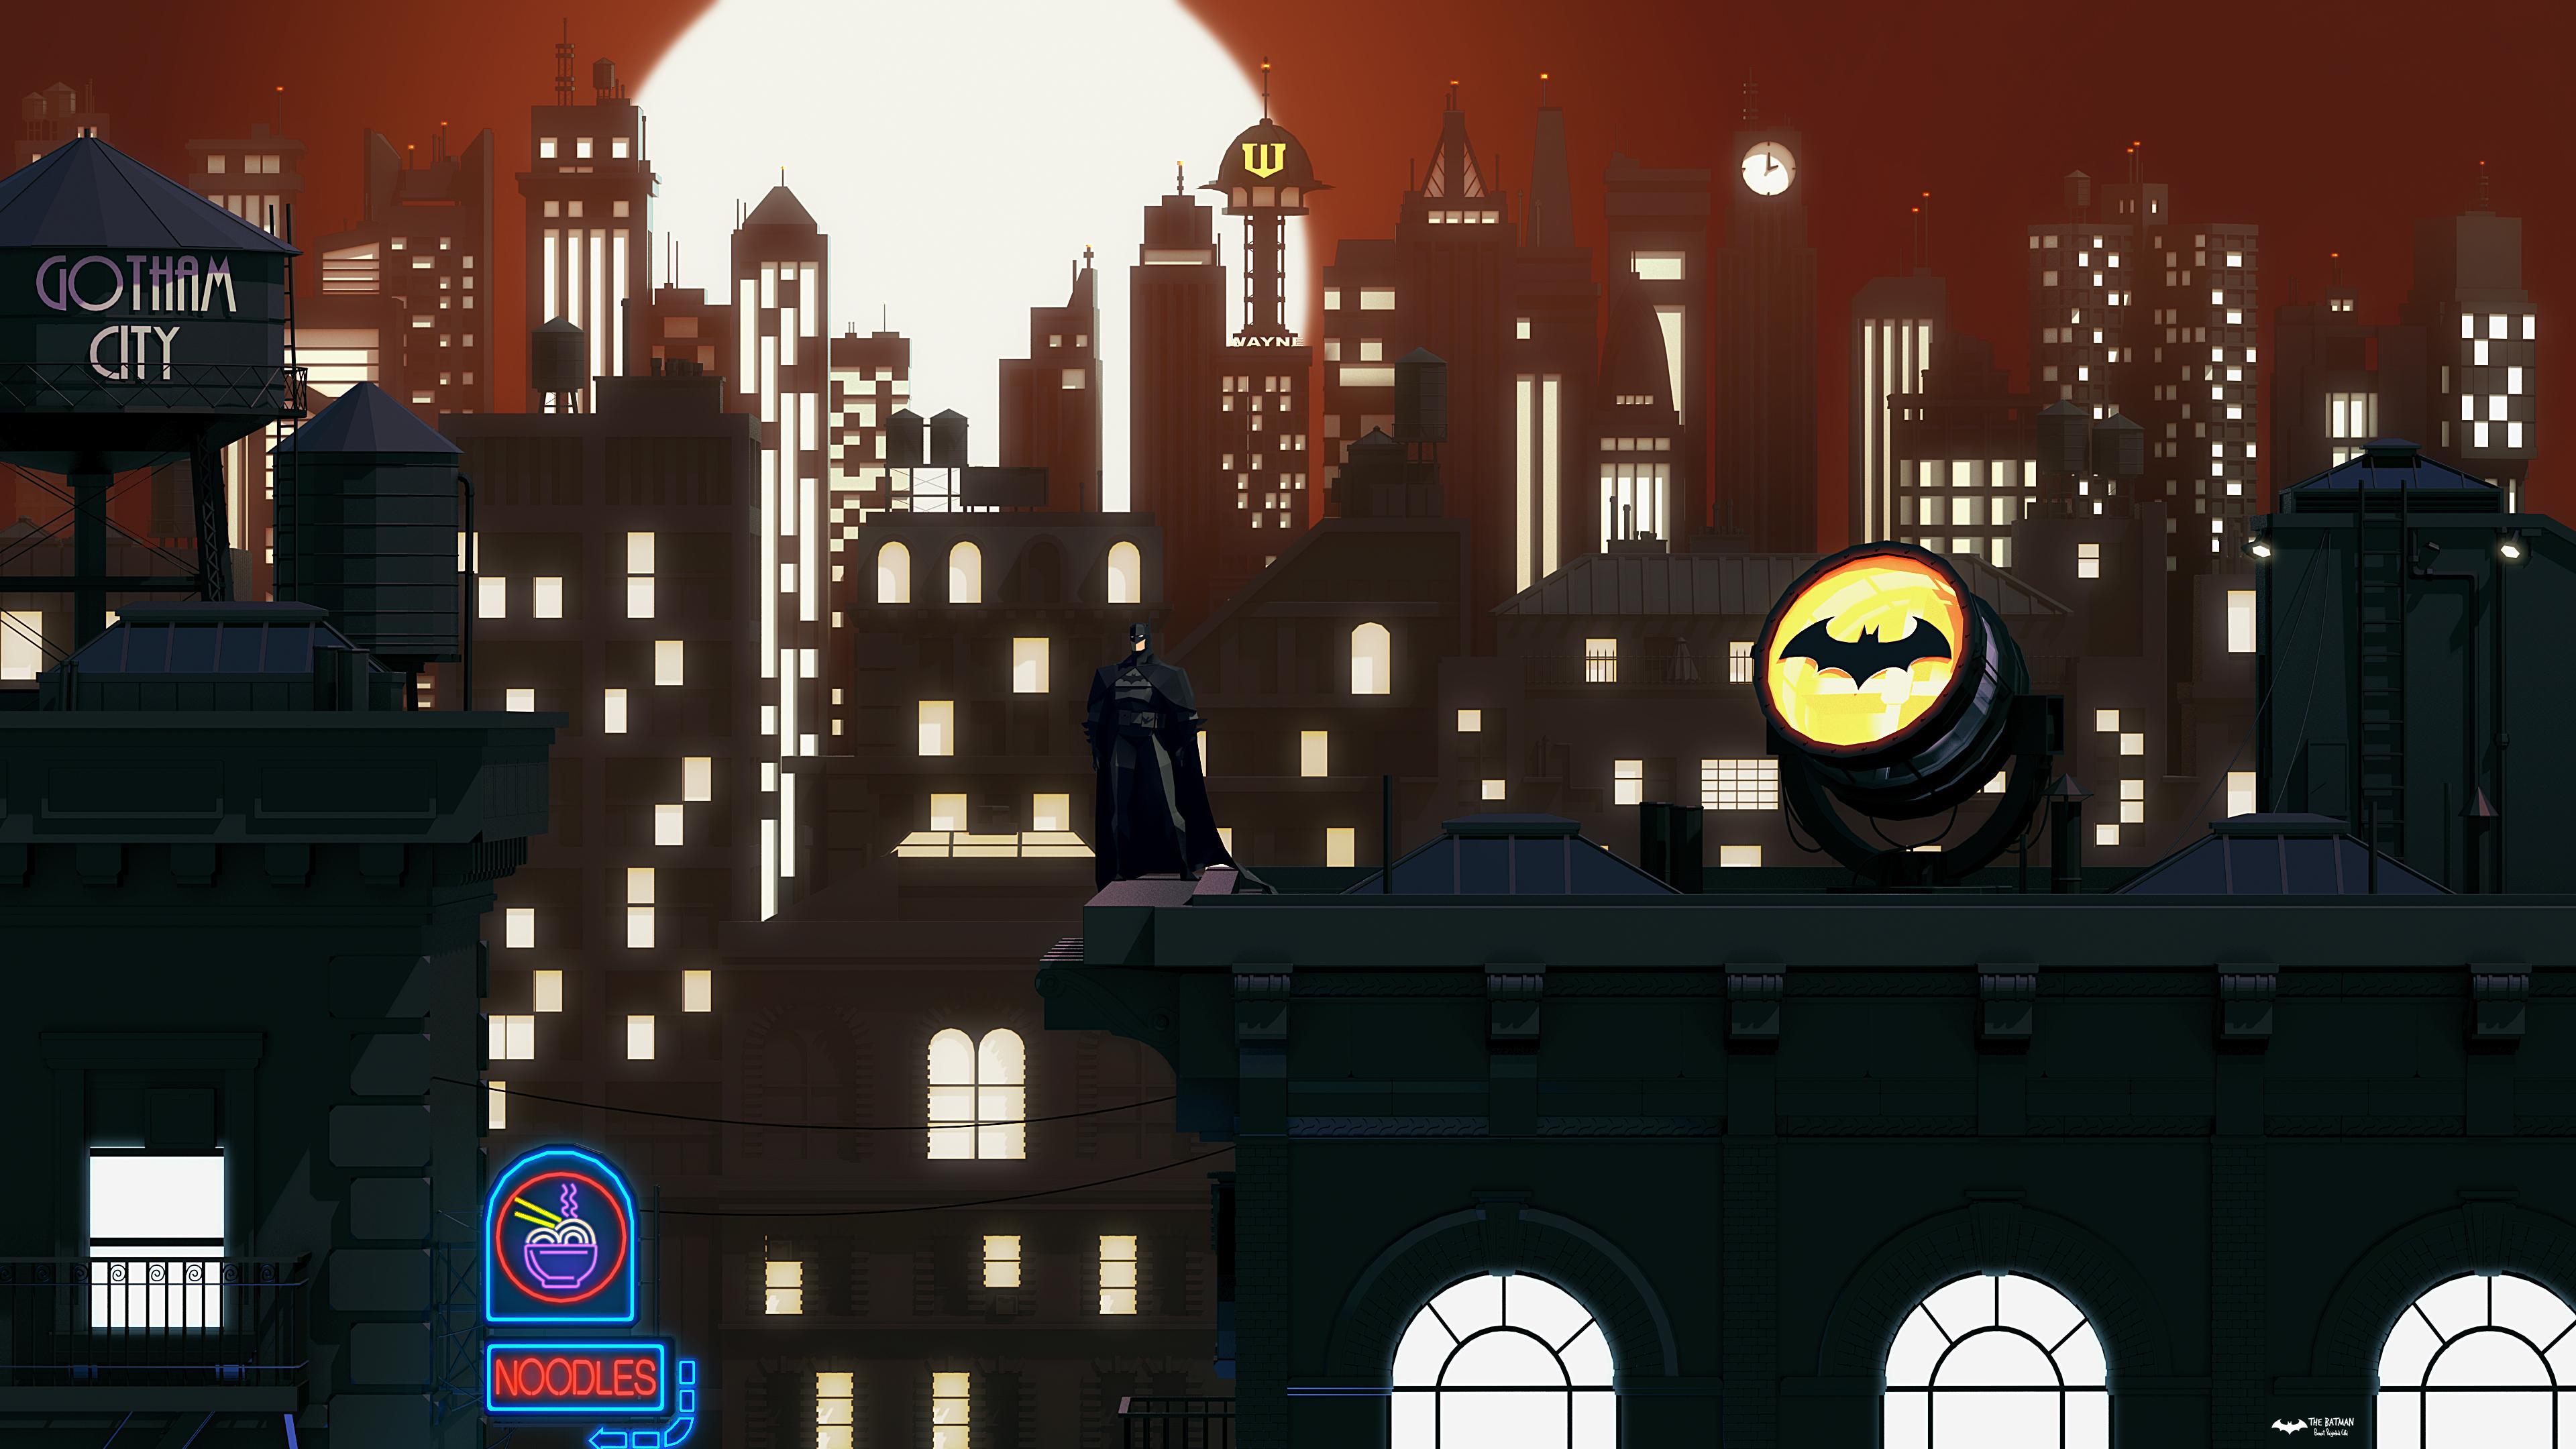 batman new gotham art 4k 1554244889 - Batman New Gotham Art 4k - superheroes wallpapers, hd-wallpapers, digital art wallpapers, behance wallpapers, batman wallpapers, artwork wallpapers, 4k-wallpapers